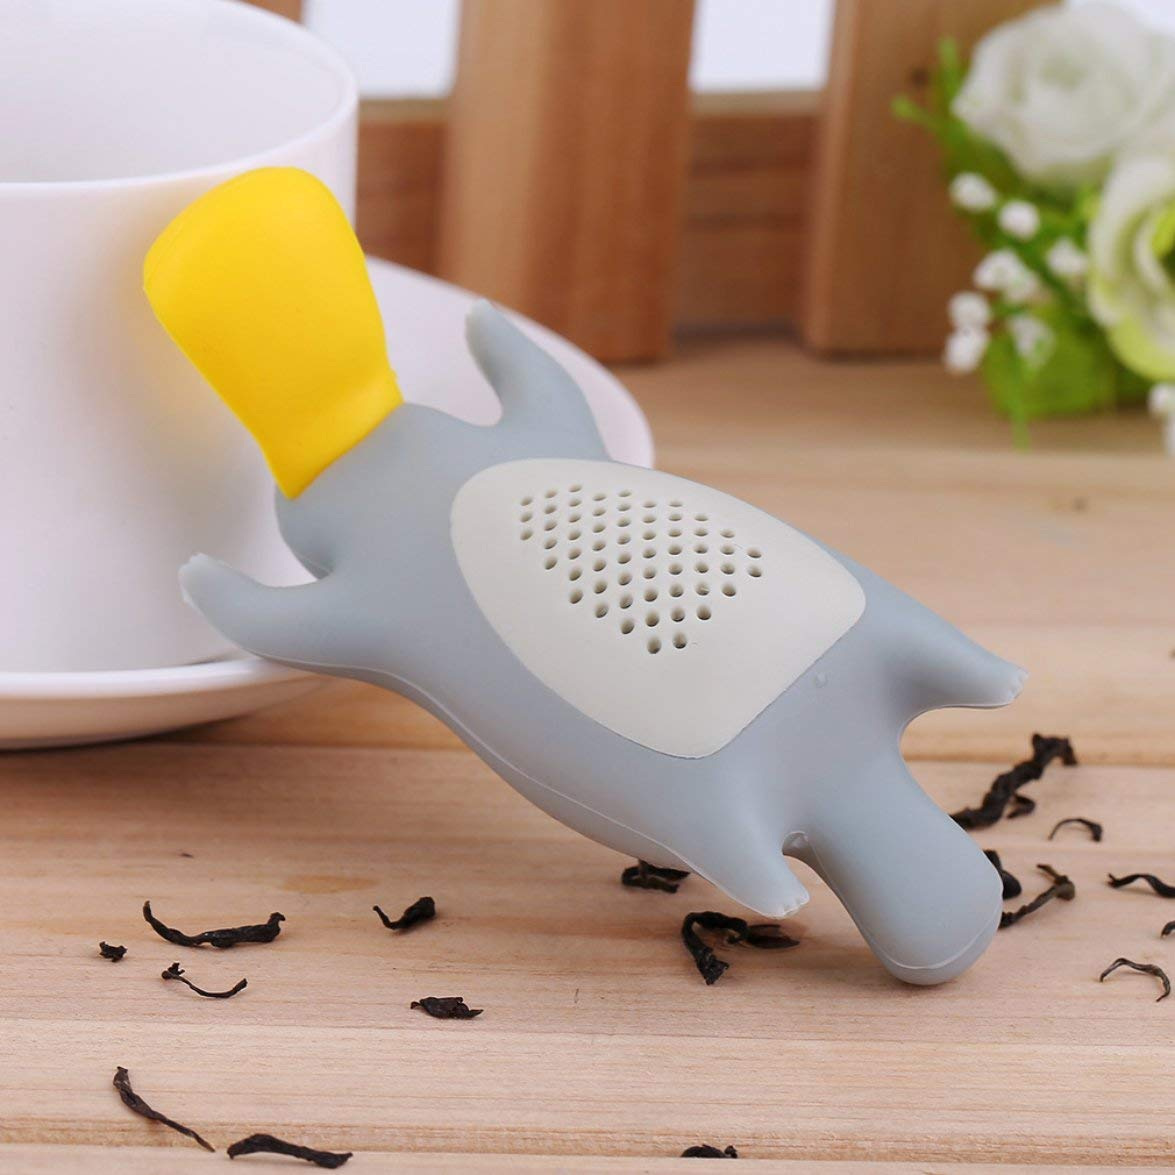 Kongqiabona colador de t/é Creativo Platypus Forma Colador de T/é Hogar Interesante Infusor de T/é Infusor Filtro Tetera Para T/é Caf/é Drinkware